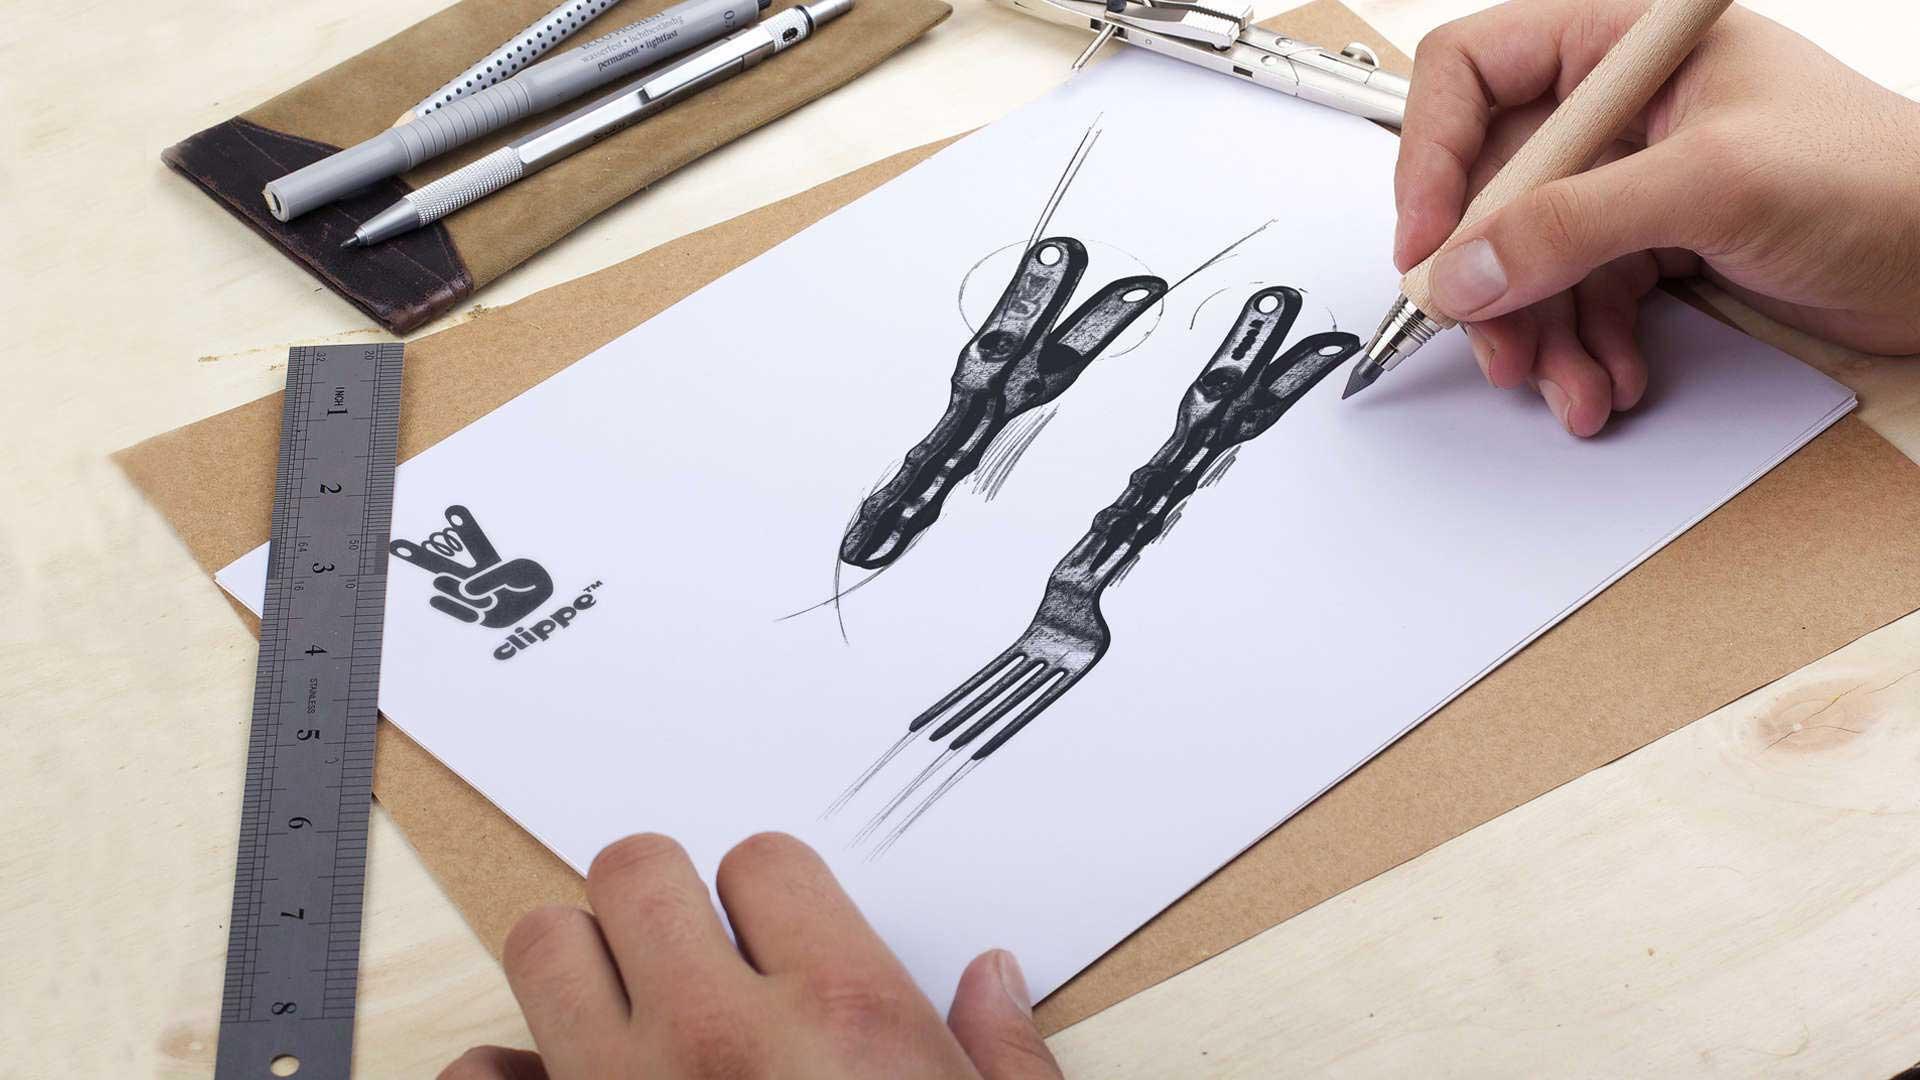 Mollette design nate dagli scarti del metallo. Ecodesign con ironia.